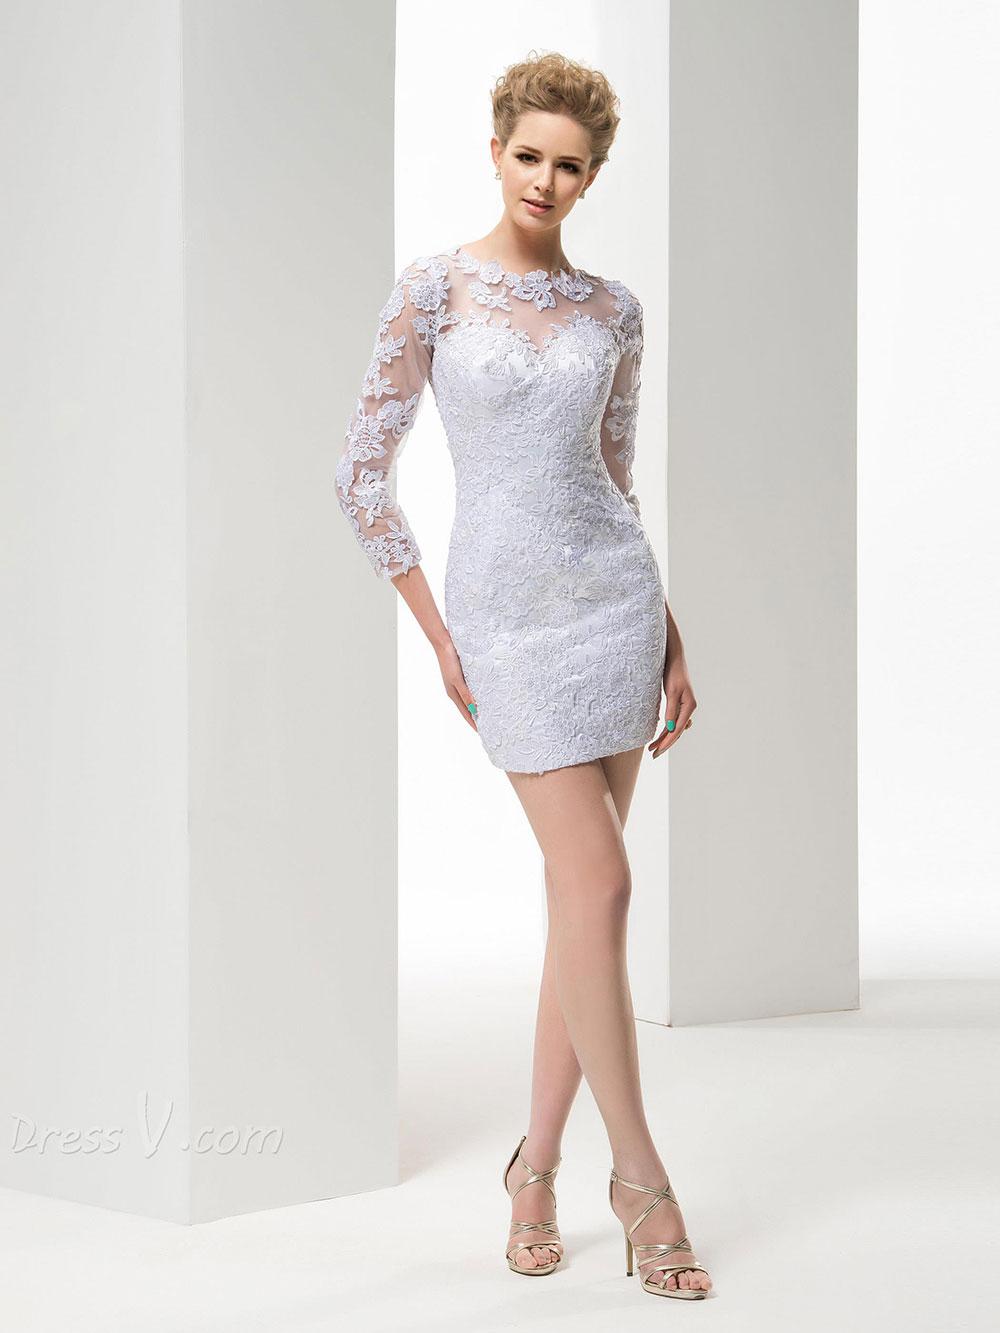 Vestidos de novia – Mas de 60 ideas para todos los gustos | Vestidos ...